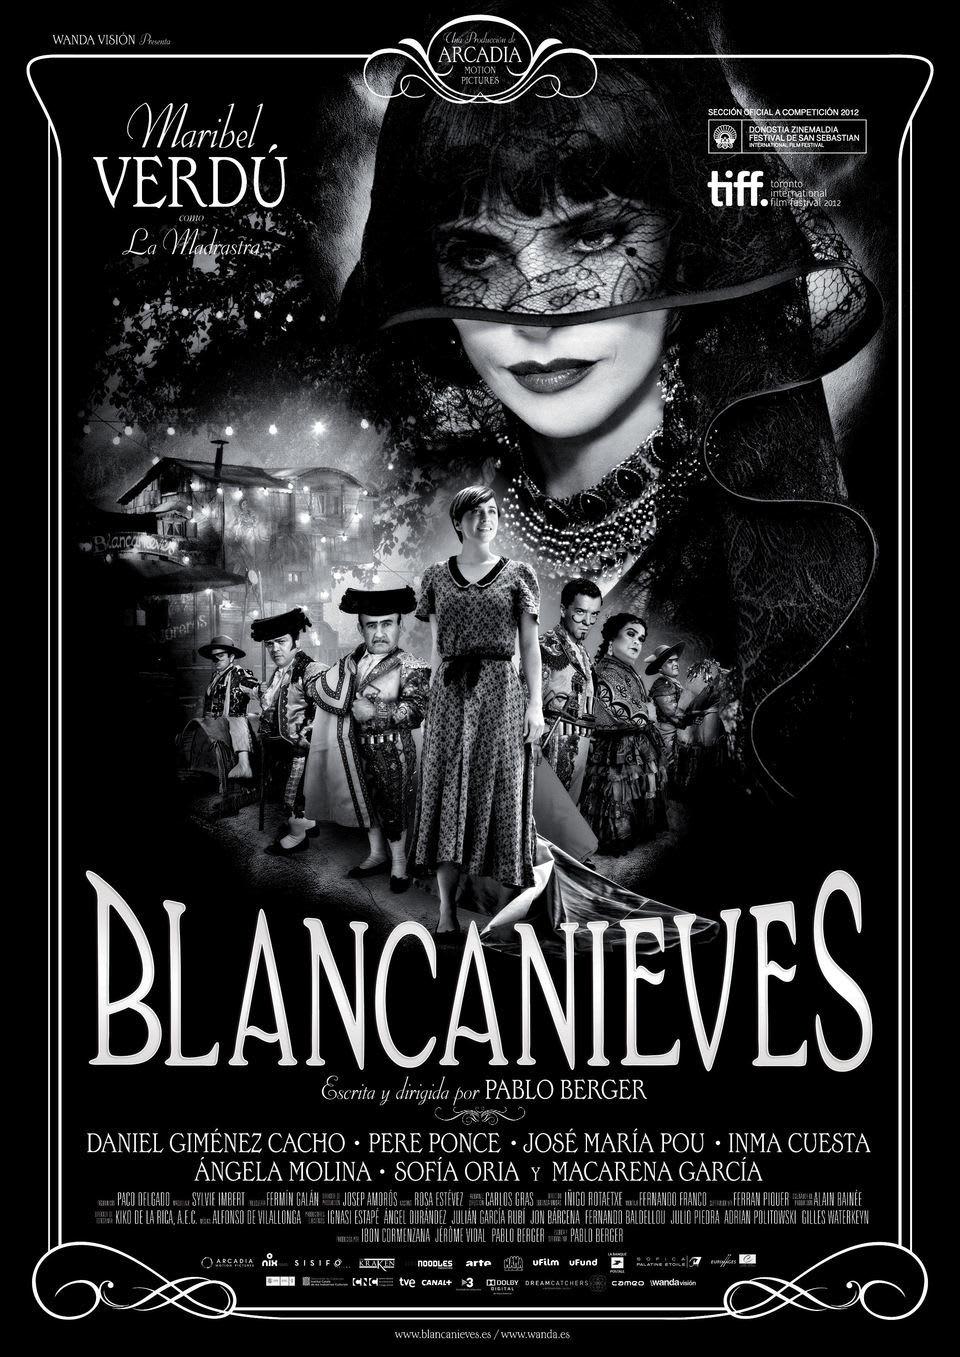 blancanieves_versión_española